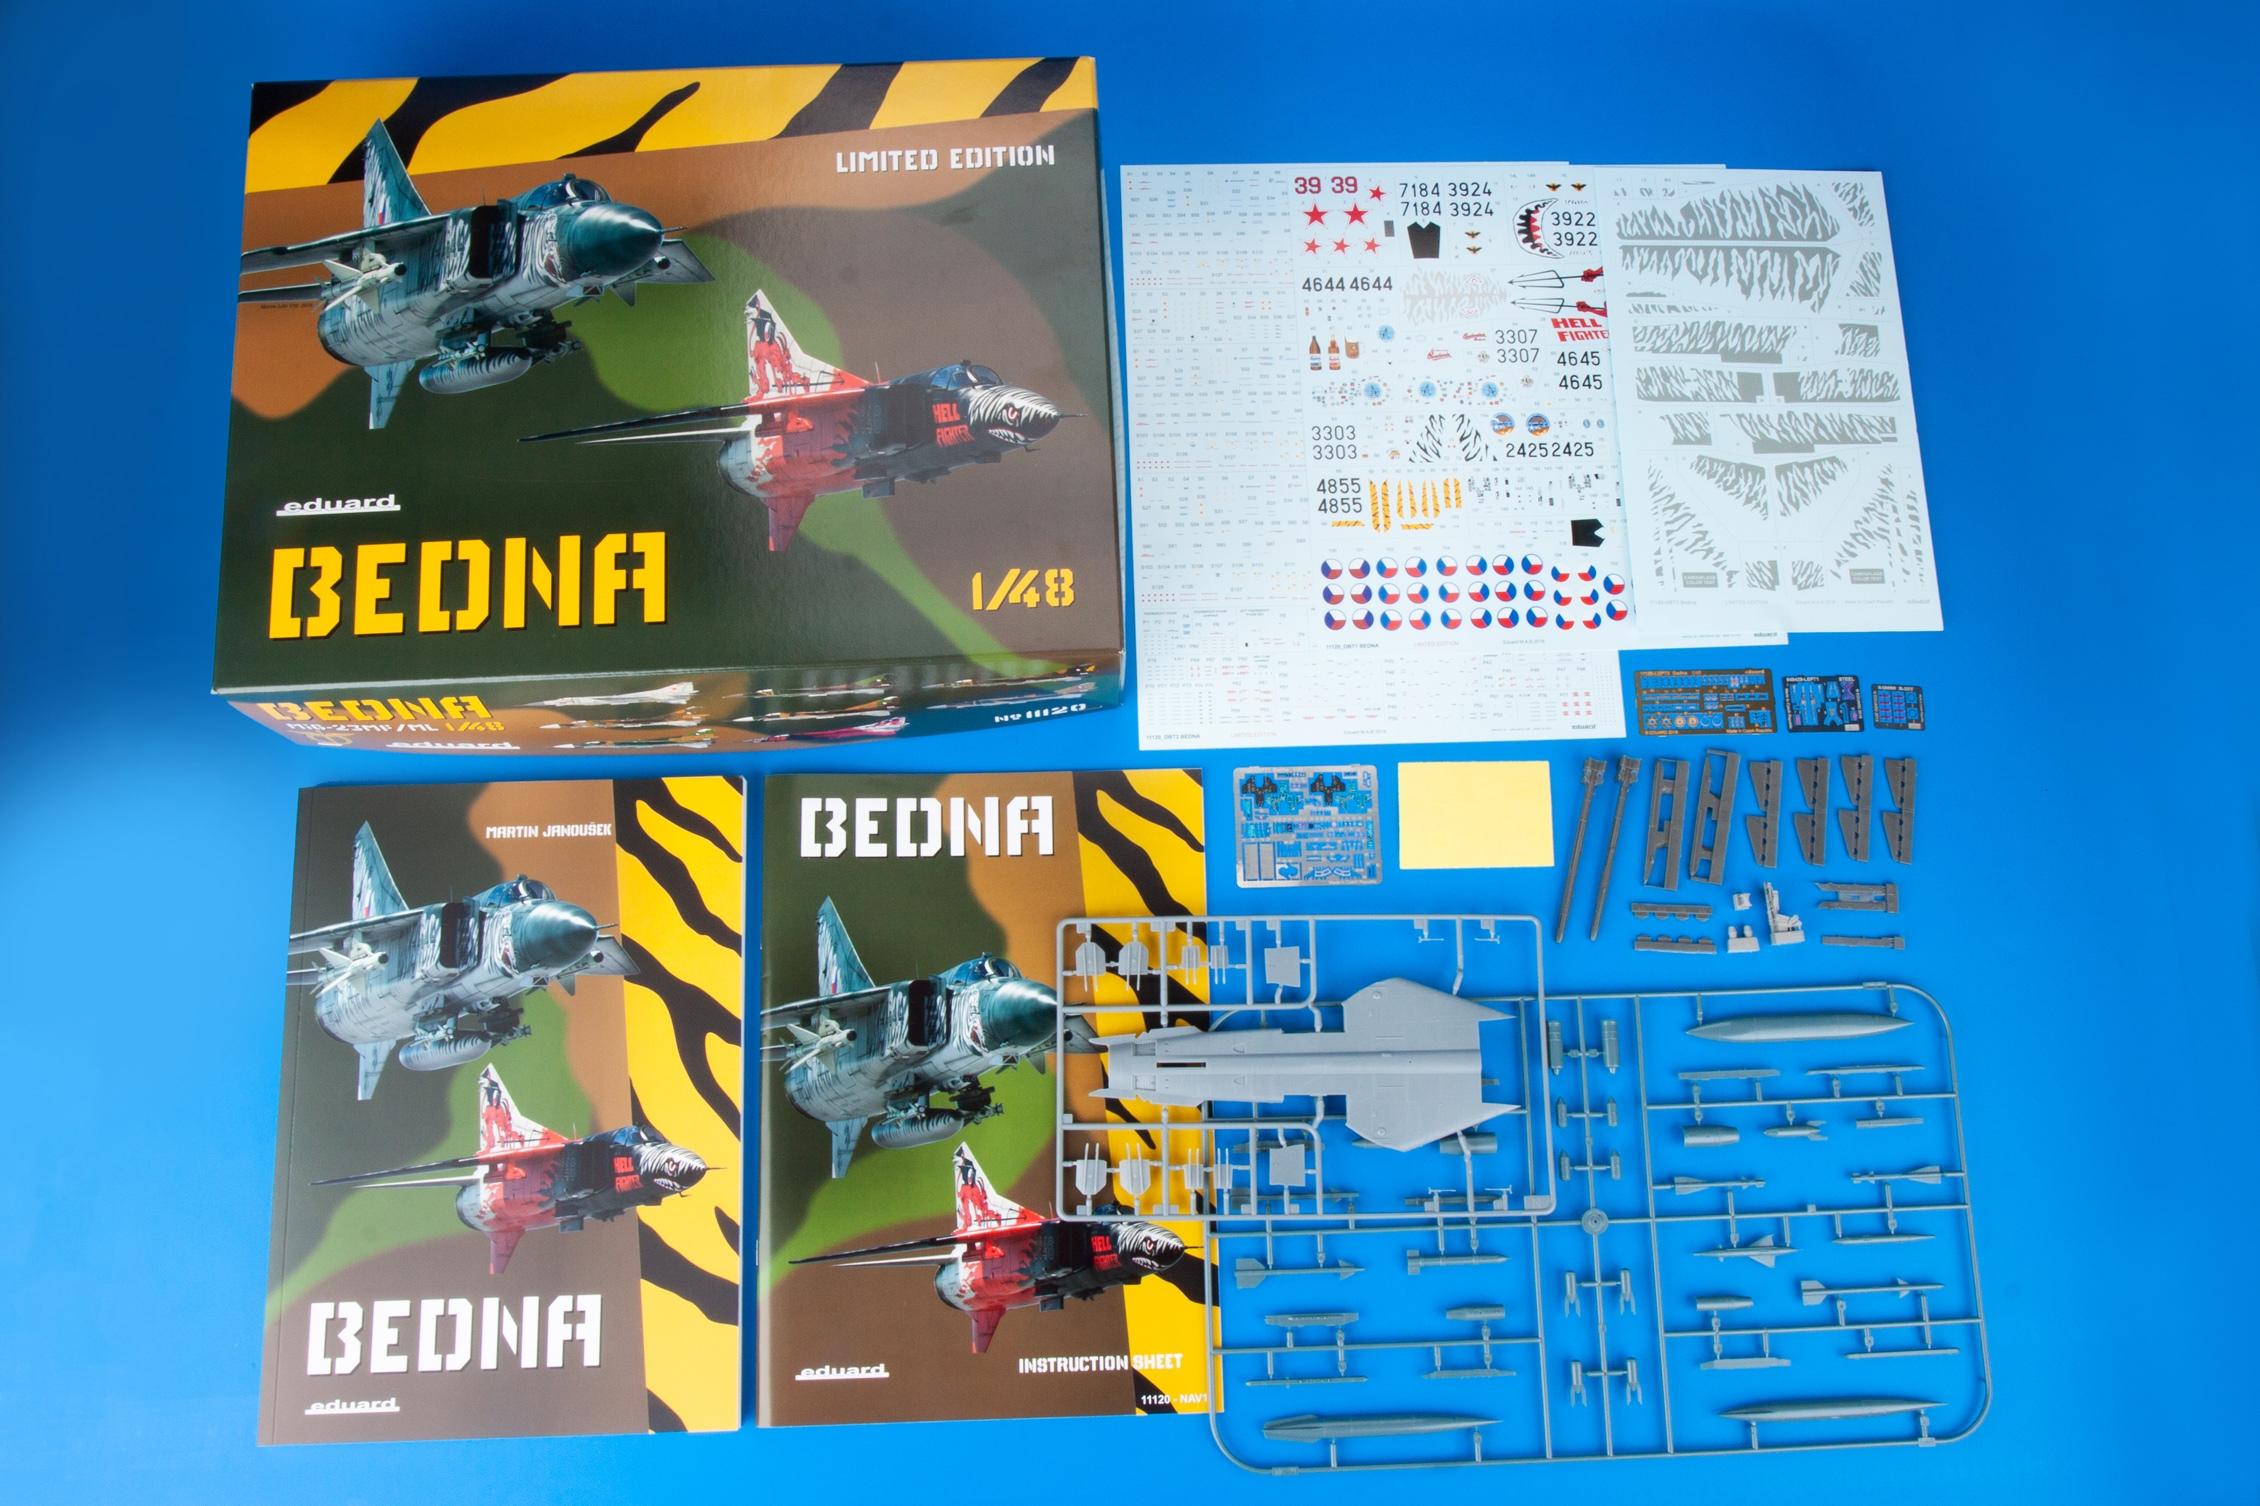 Eduard 1/48 'Bedna' Limited Edition kit # 11120